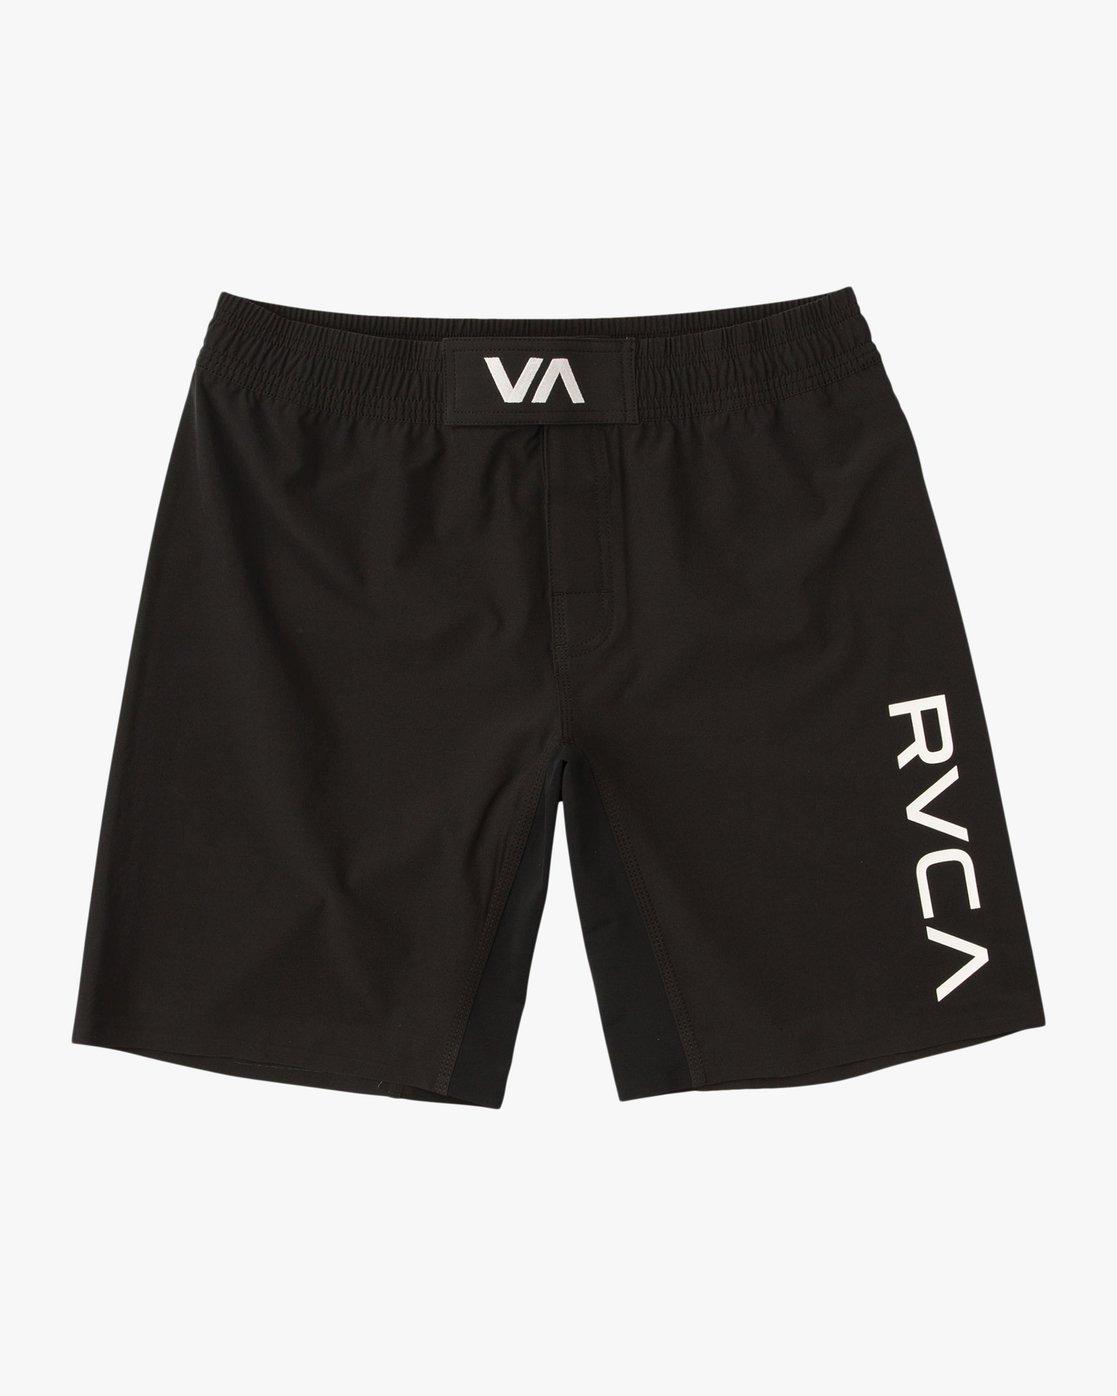 RVCA Scrapper 2 19in